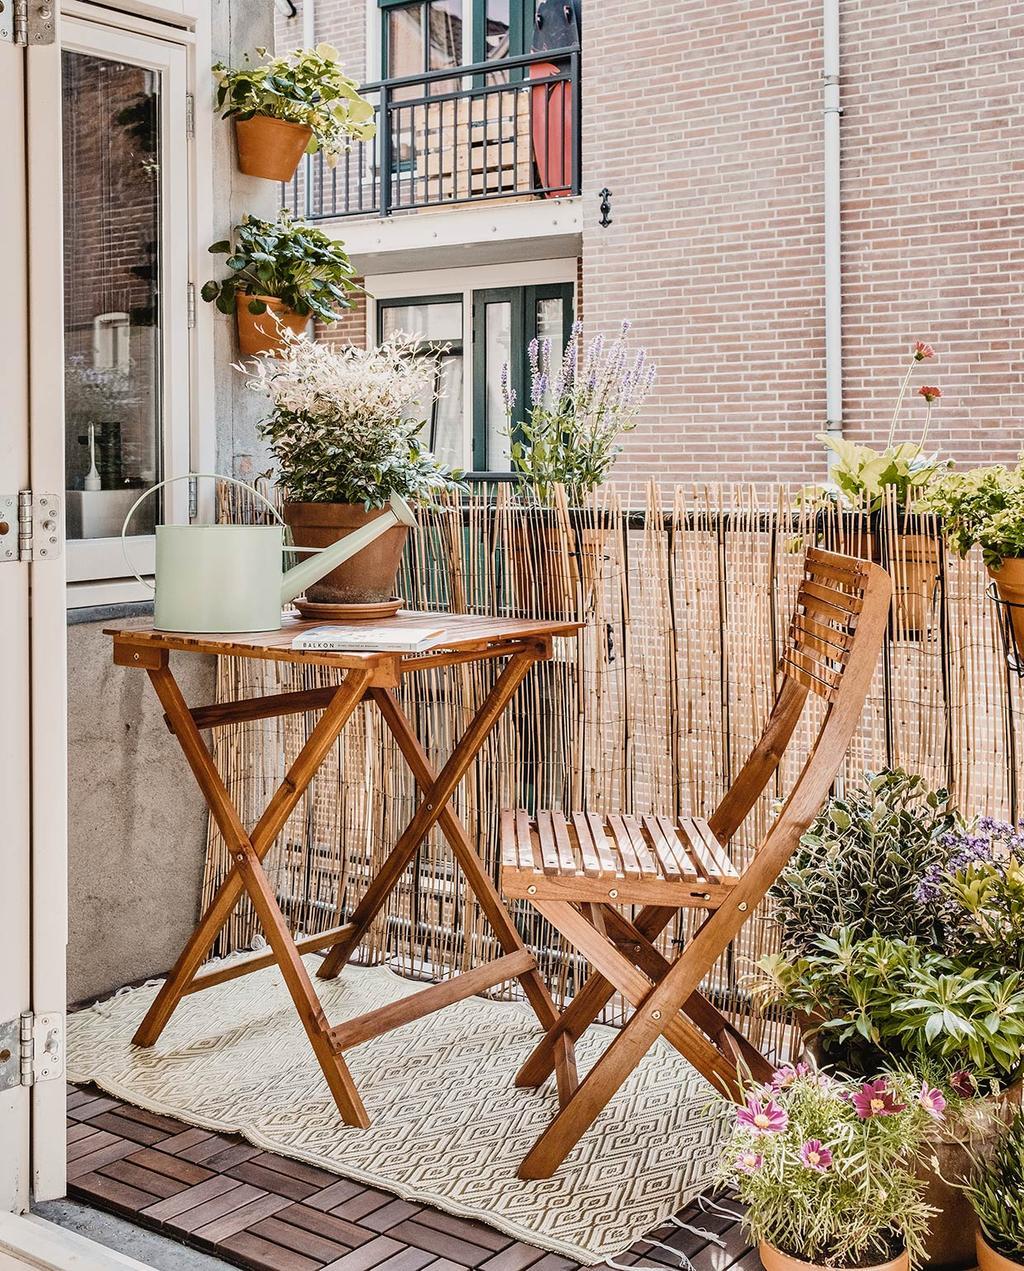 vtwonen 02-2021 | studio met klein balkon en tafel